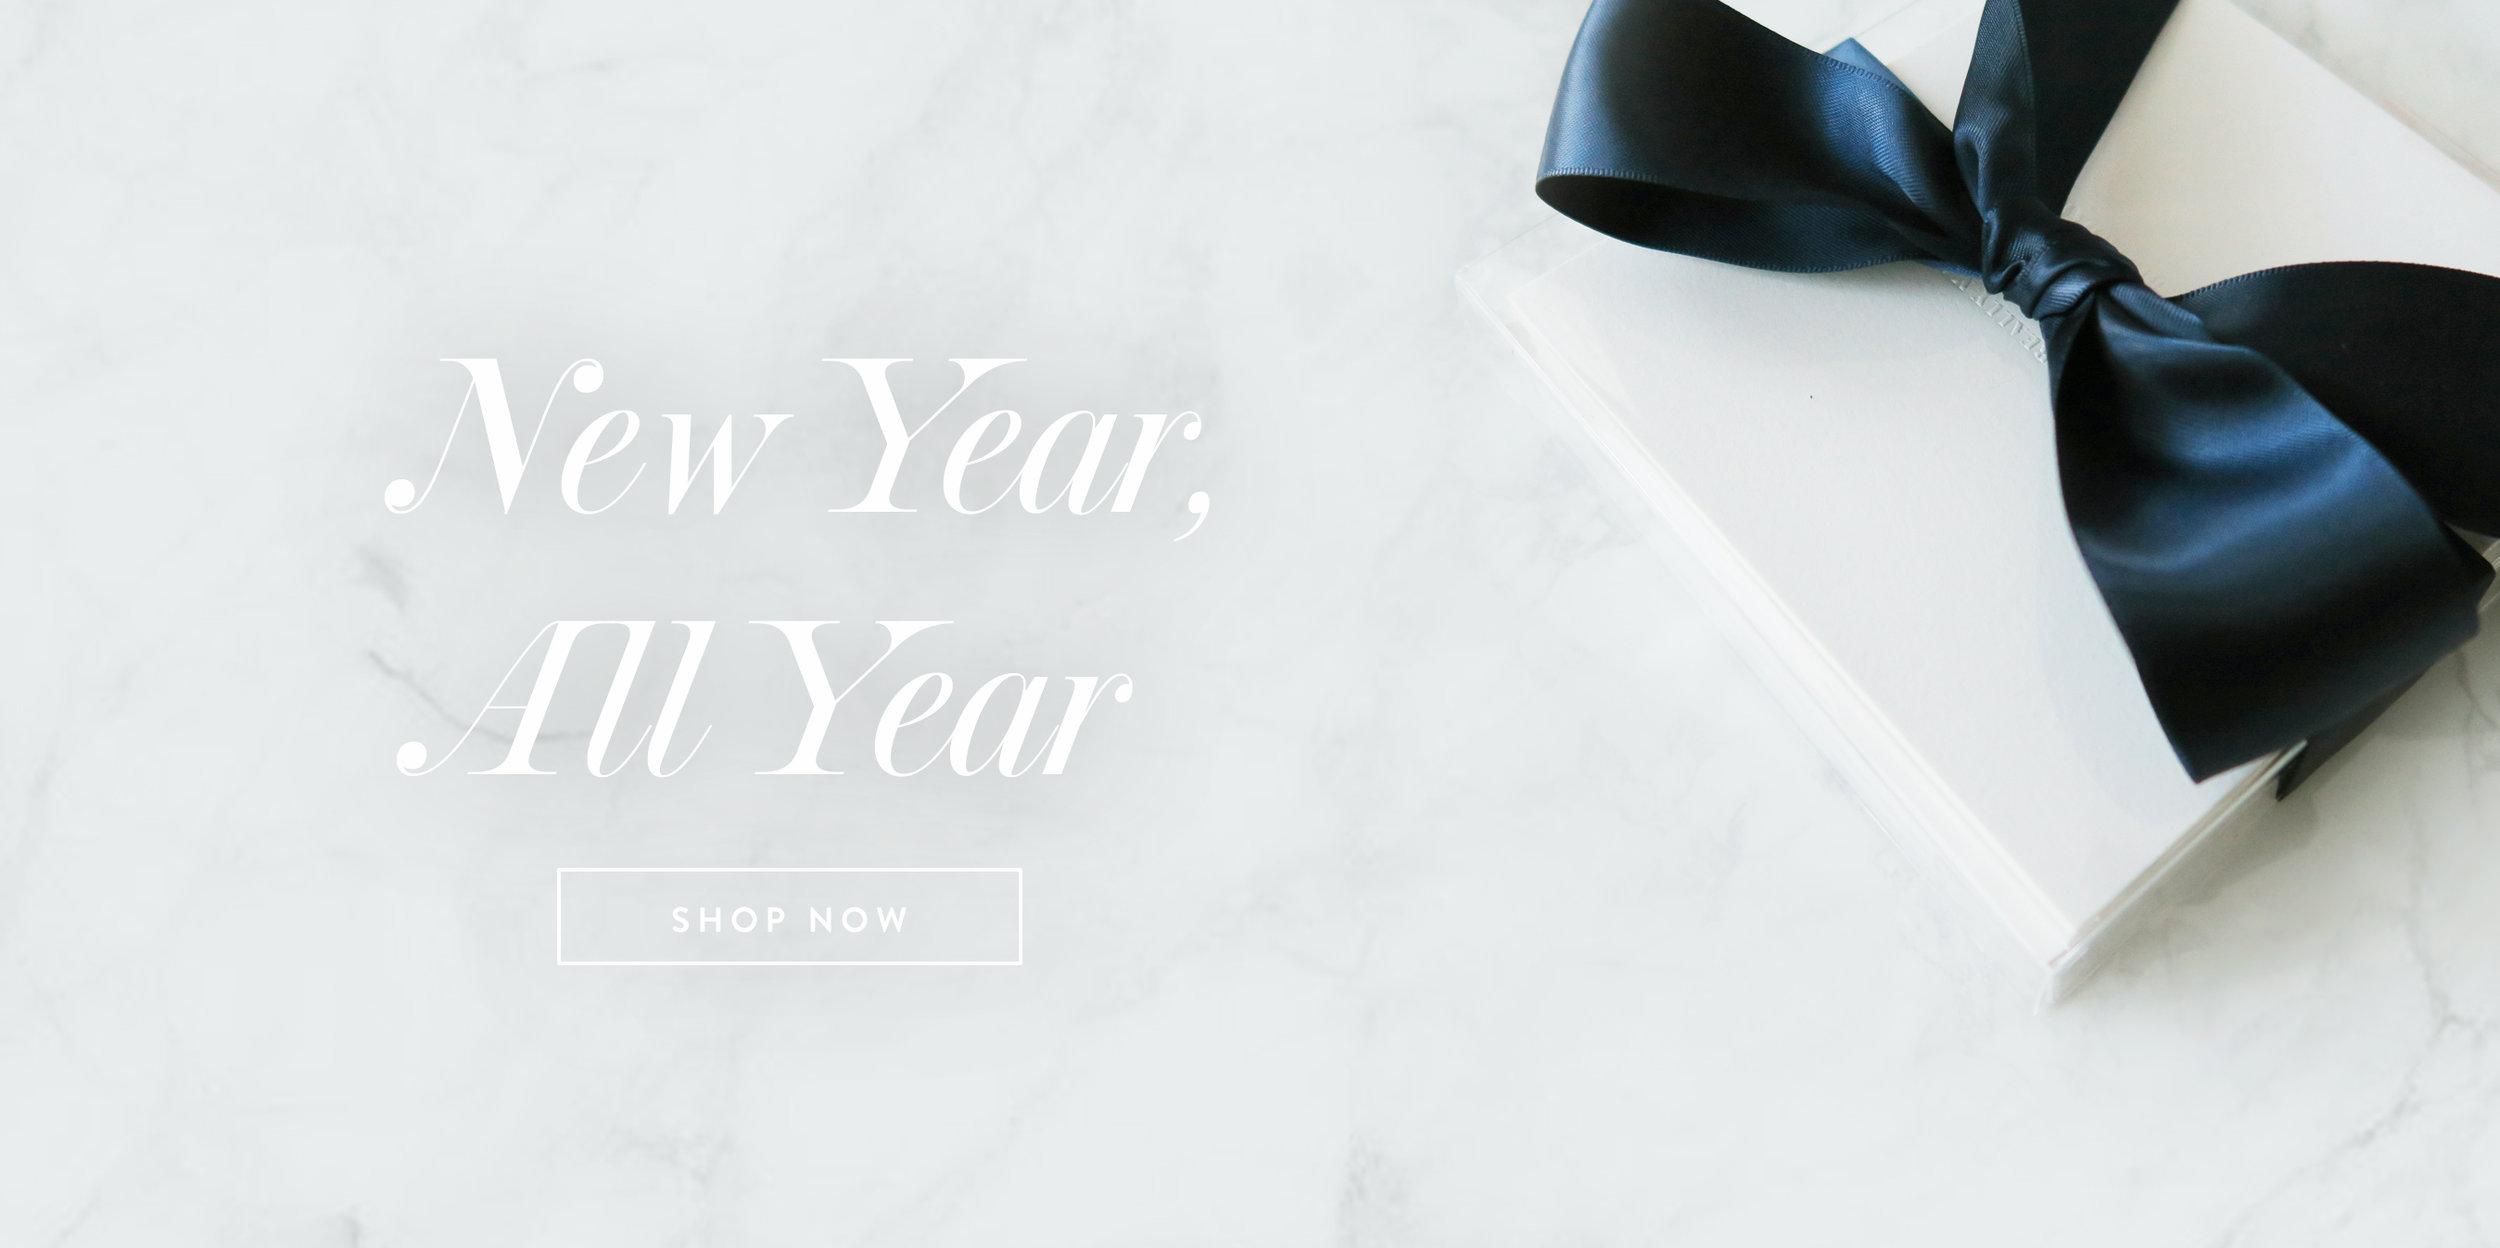 New Year All Year.jpg